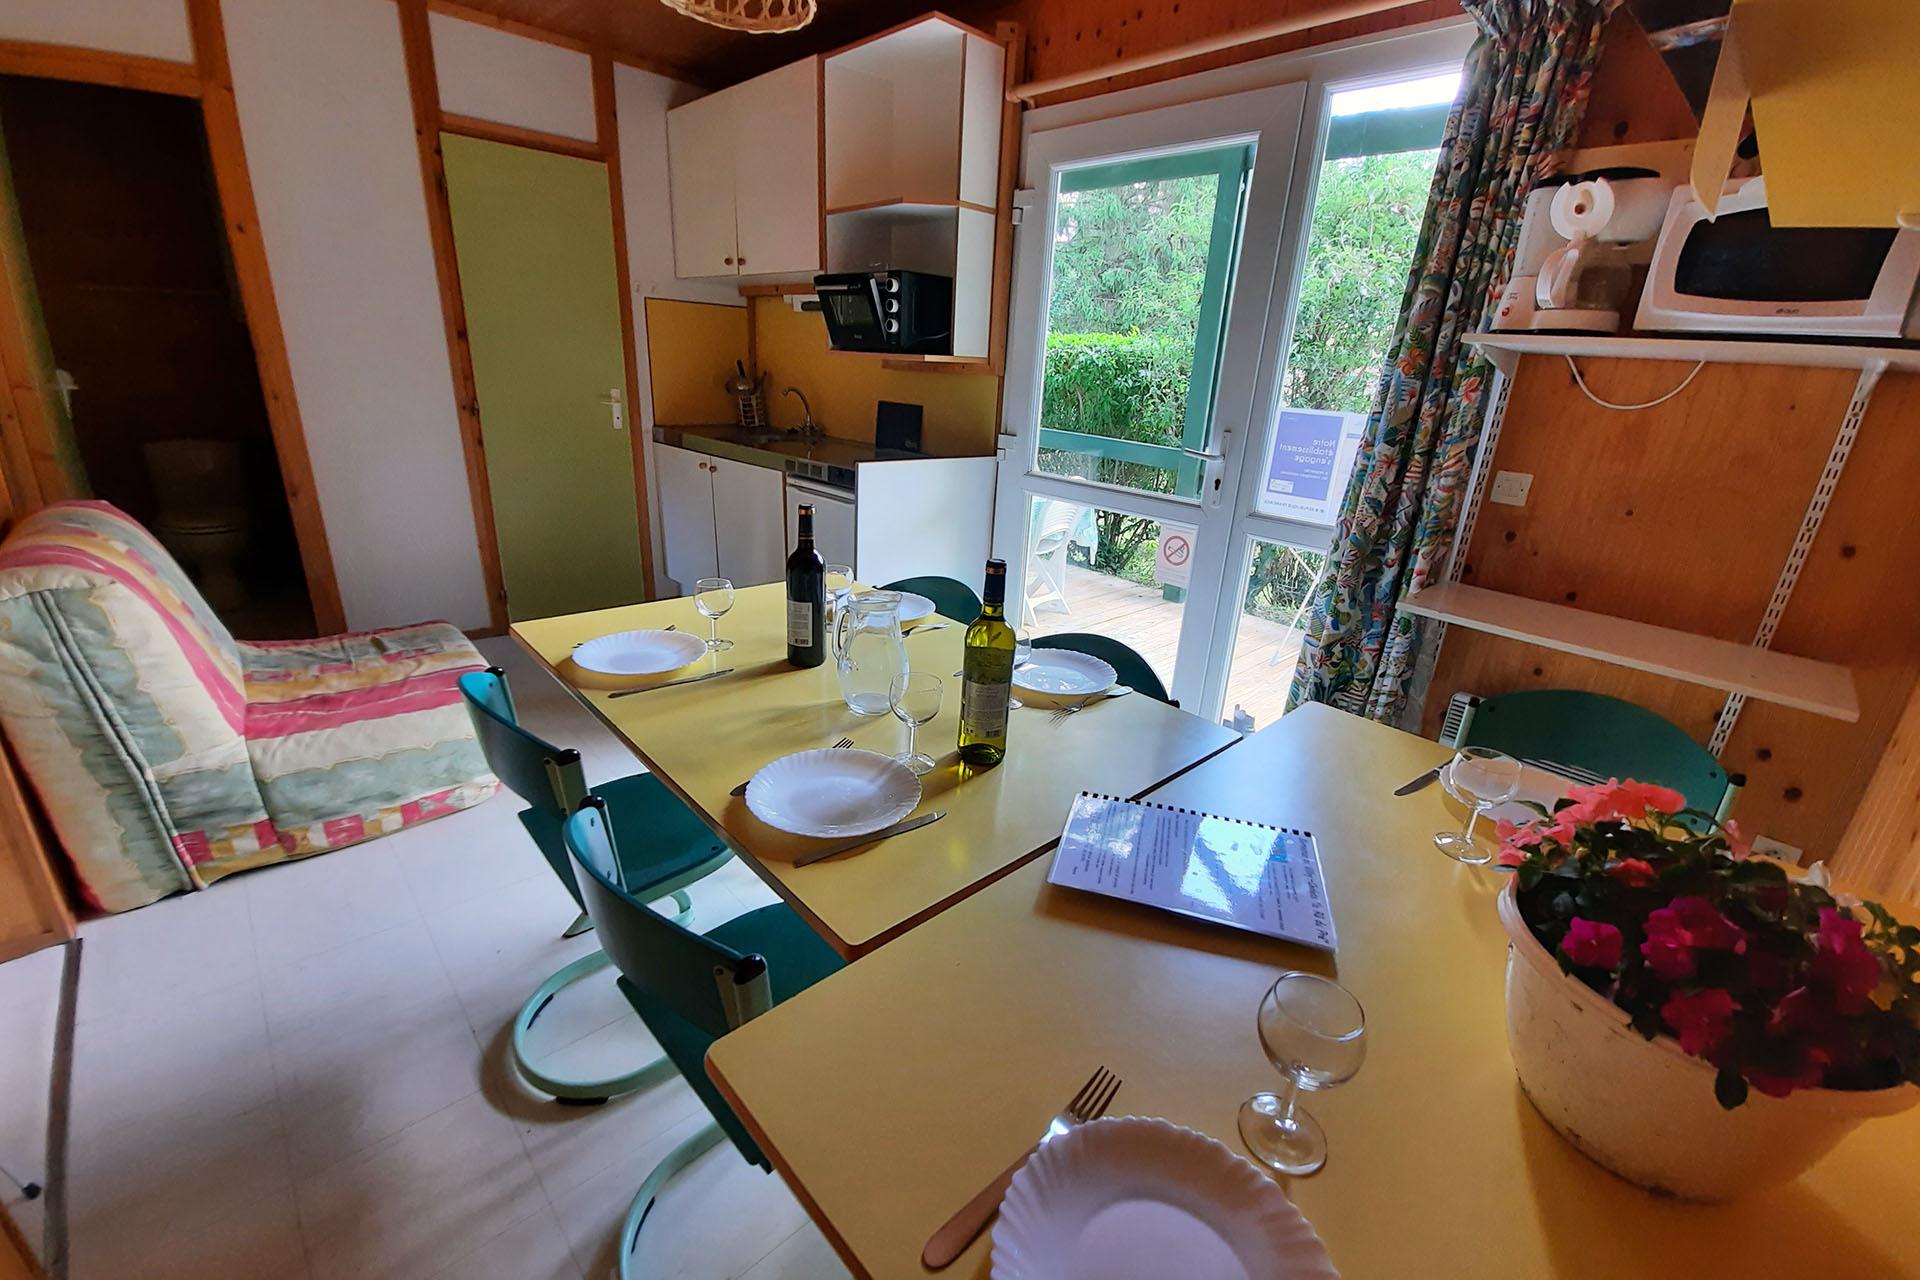 location chalet vacances et weekend dans l'Yonne 89